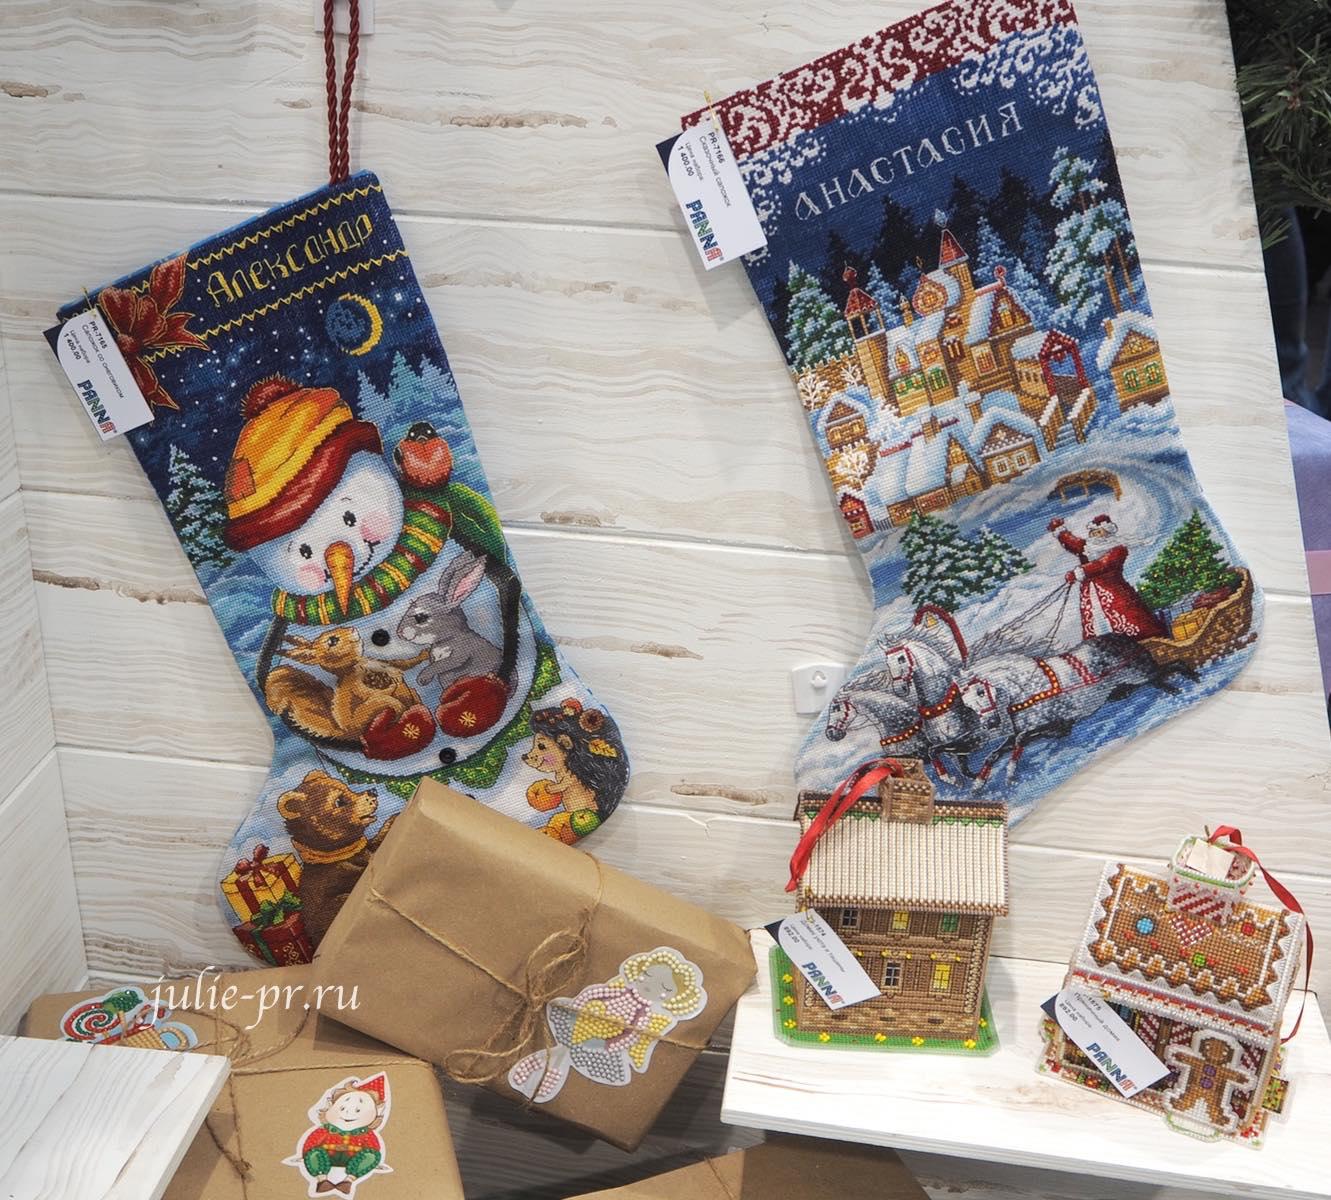 панна, panna, новогодние носки, пряничный домик, вышивка крестом, формула рукоделия зима 2020